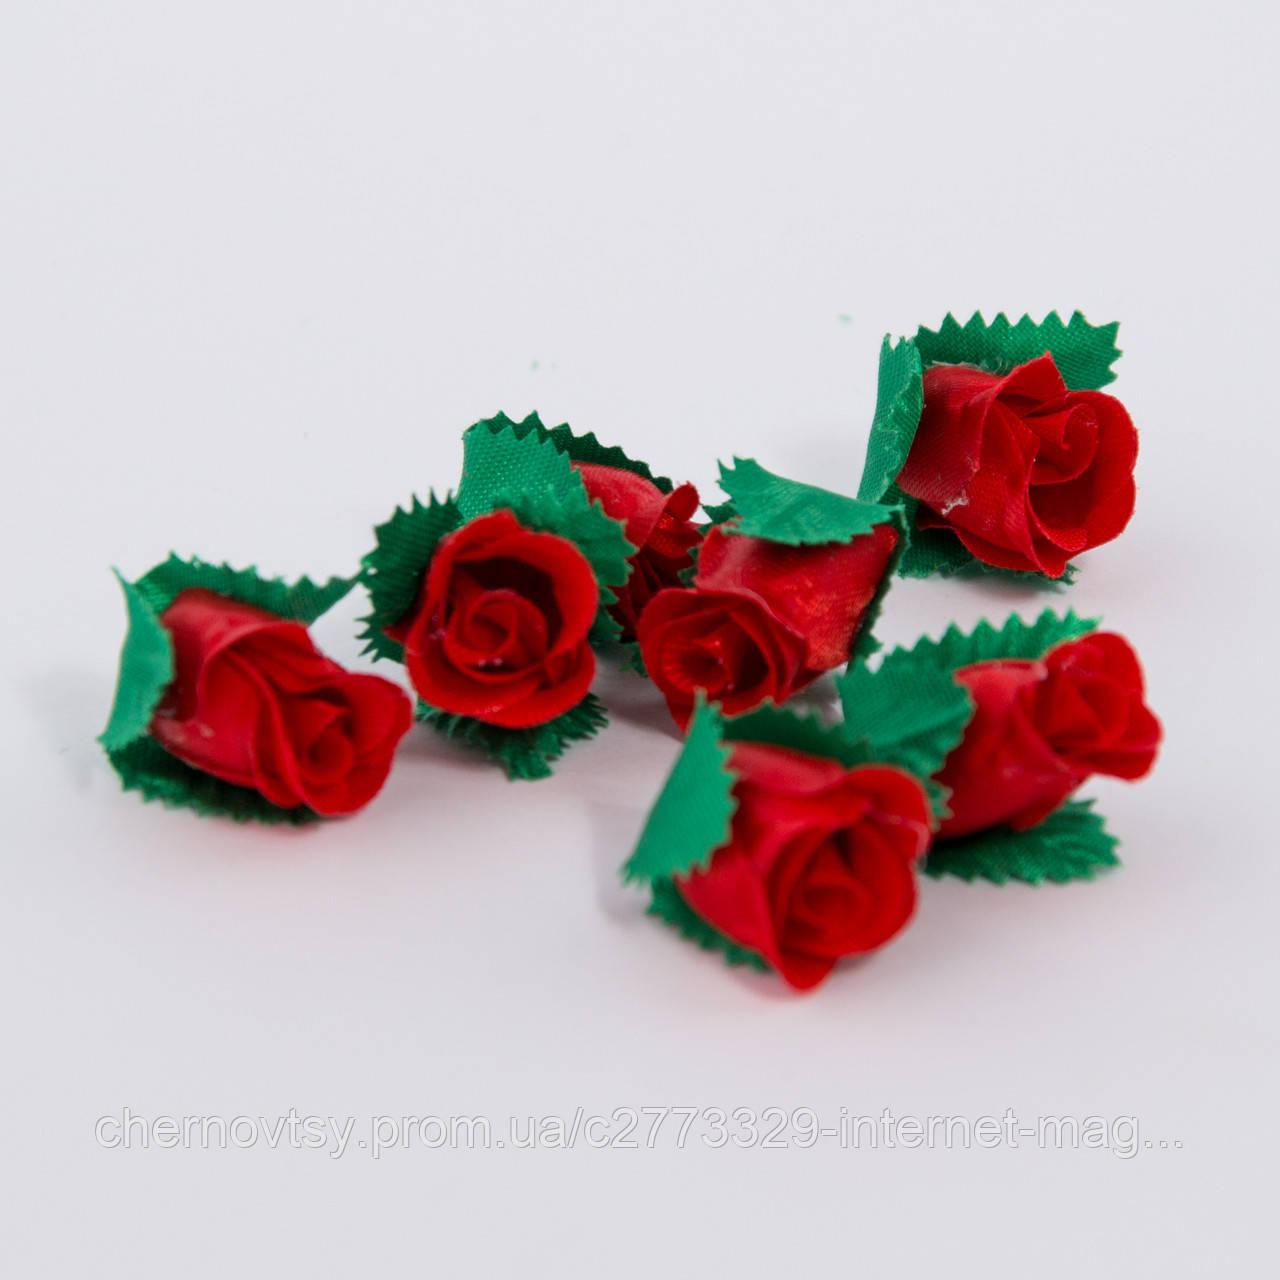 Трояндочки з атласу. Зроблено в Україні!